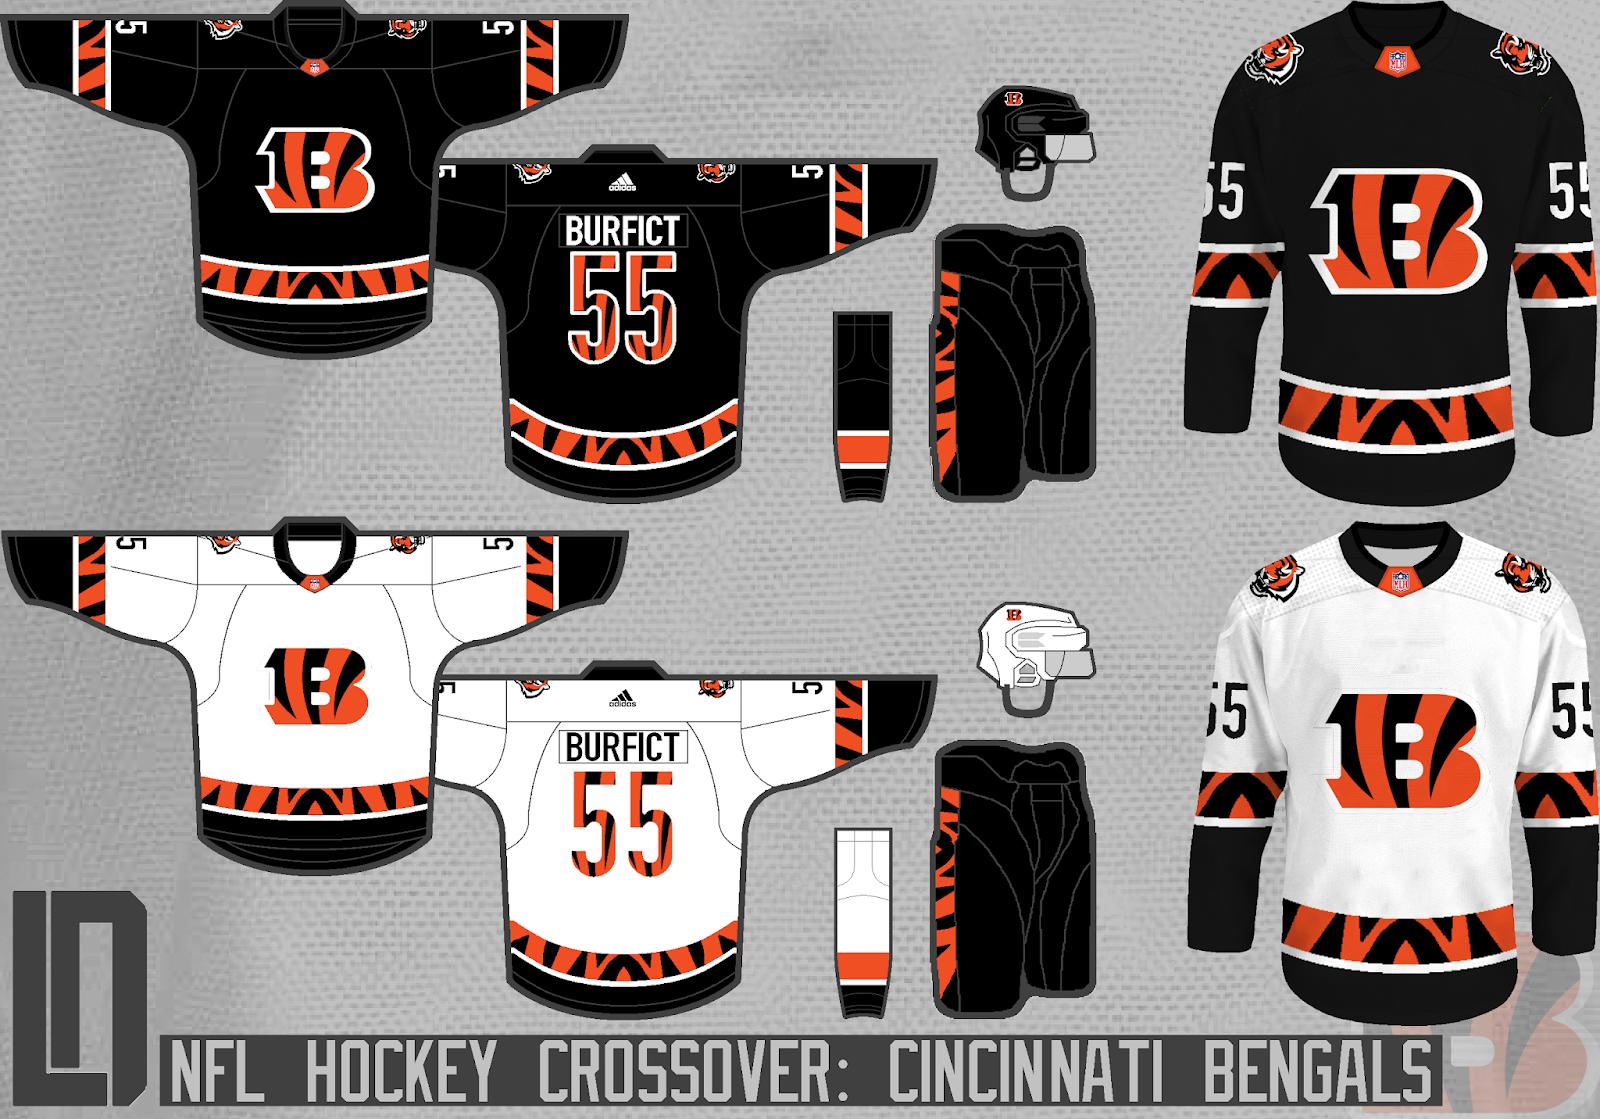 Cincinnati+Bengals+Concept.png